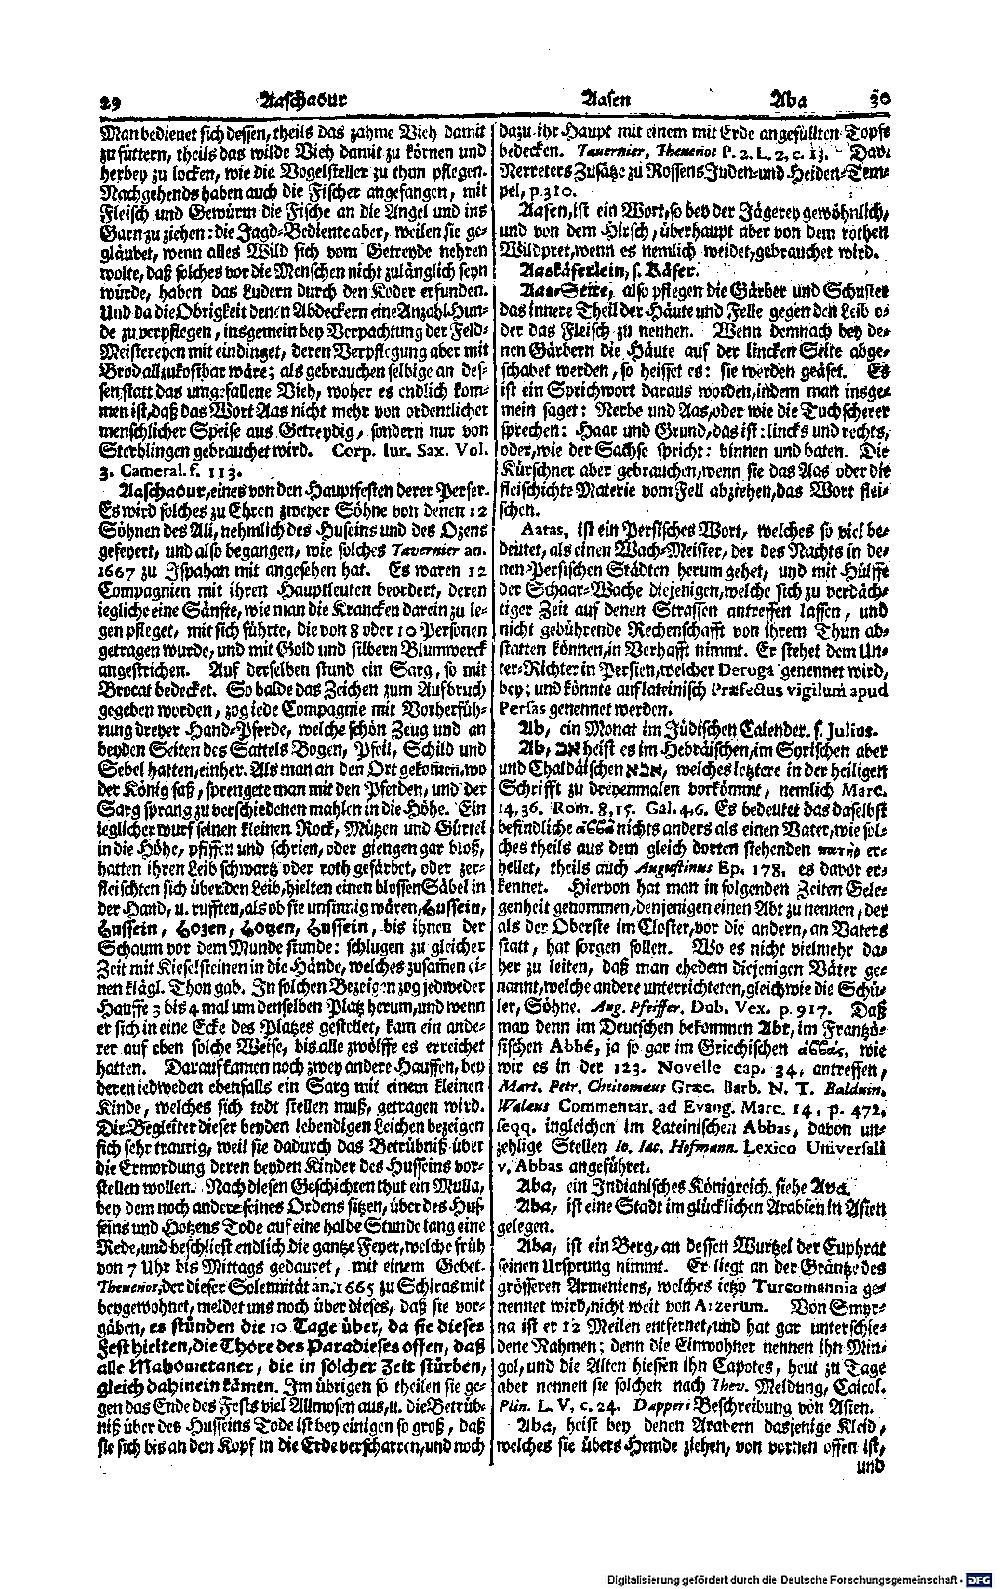 Bd. 01, Seite 0054.